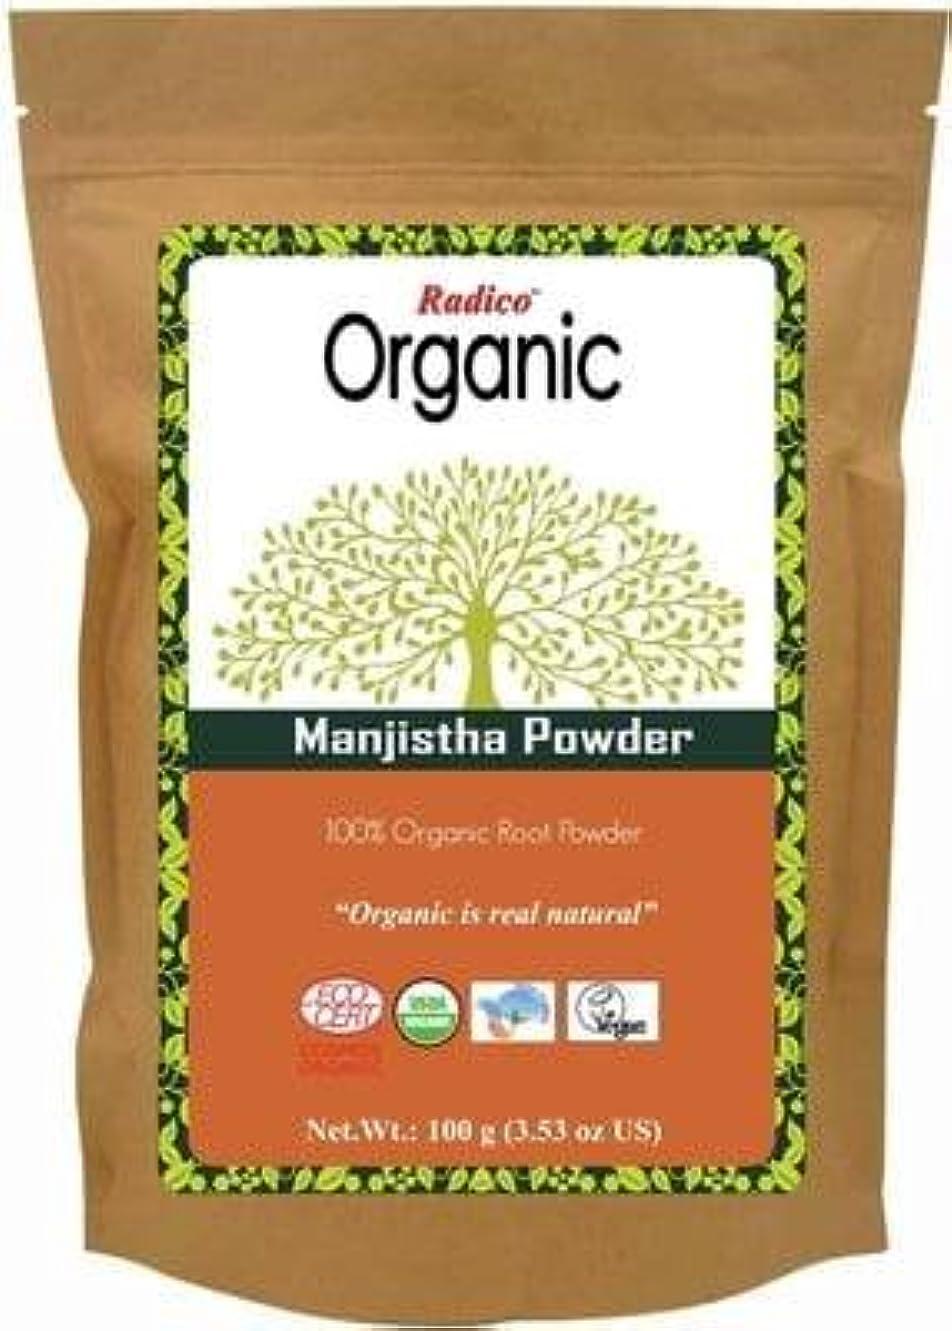 マウンドエンコミウム反発RADICO - Organic Manjistha Powder - 肌に非常に効果的だが穏やか - 頭皮のためのフケとケアを扱います - 脱毛の治療に最適 - 抗菌特性 - 100 gr